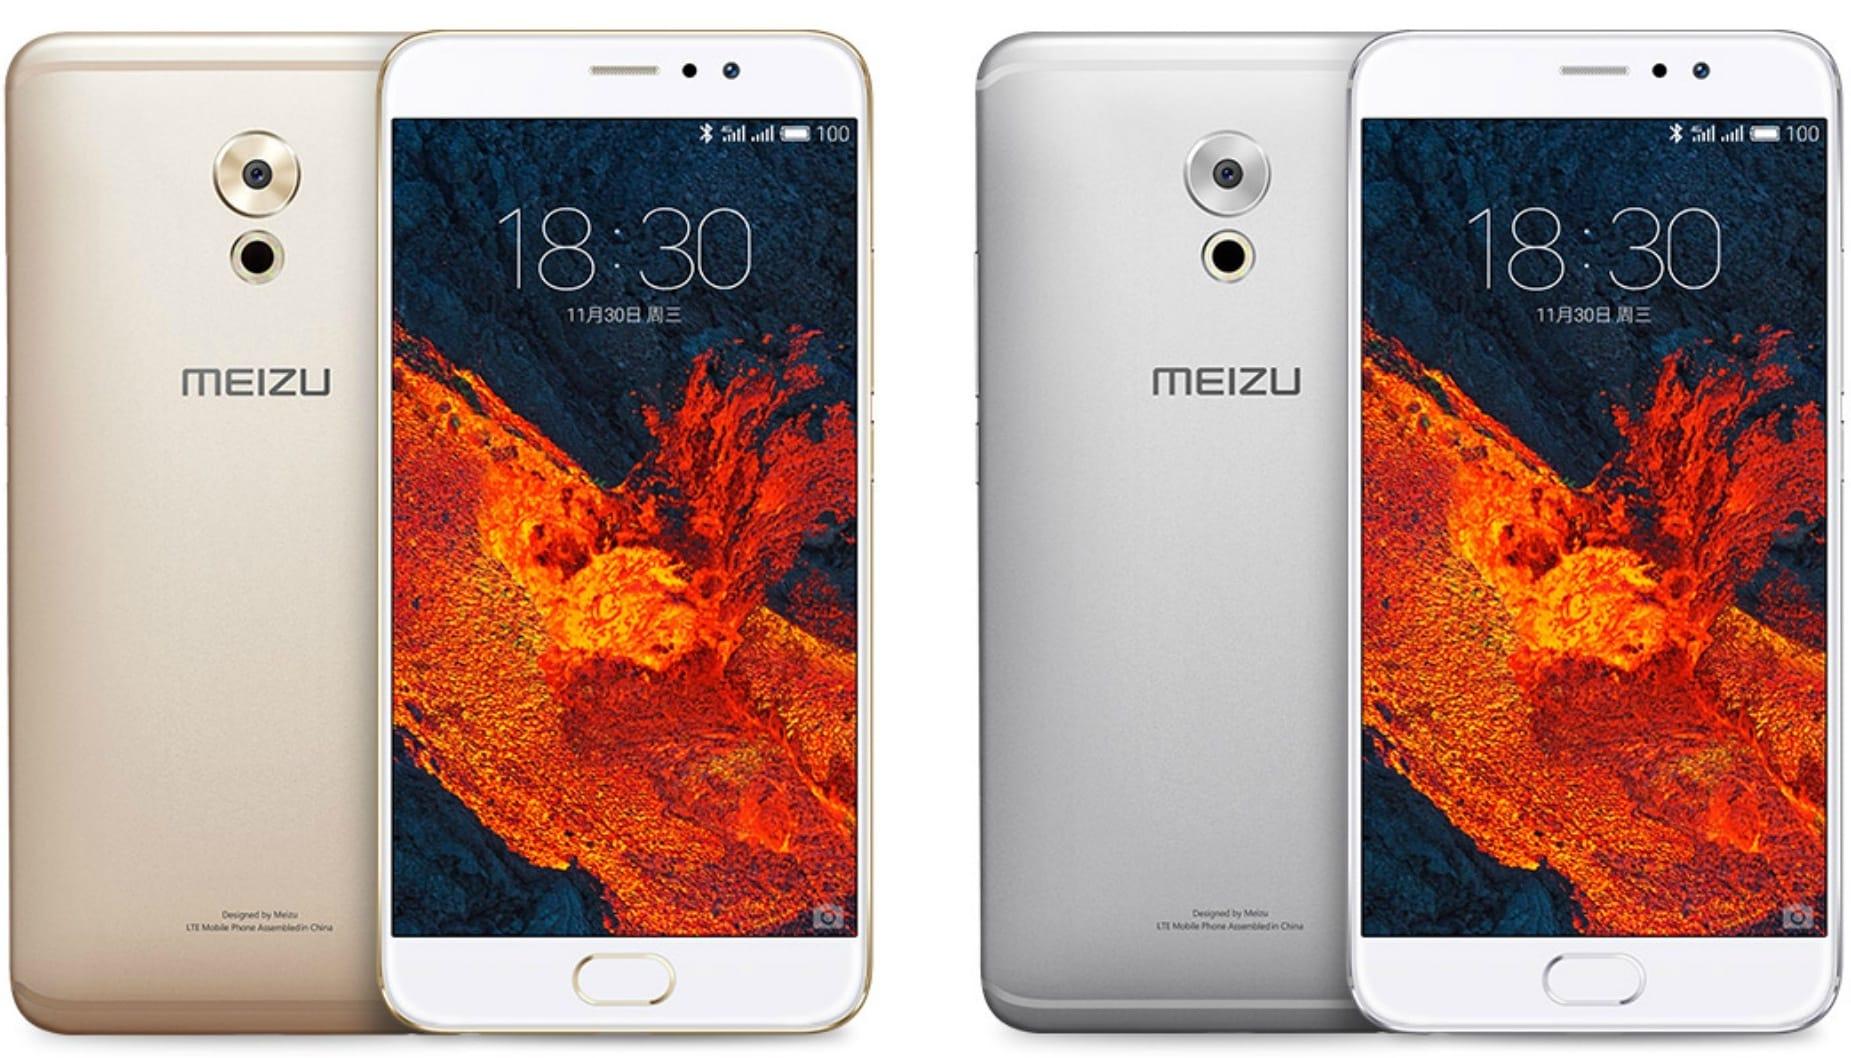 Meizu разработала «смартфон мечты» для конкуренции Самсунг Galaxy иLG G6